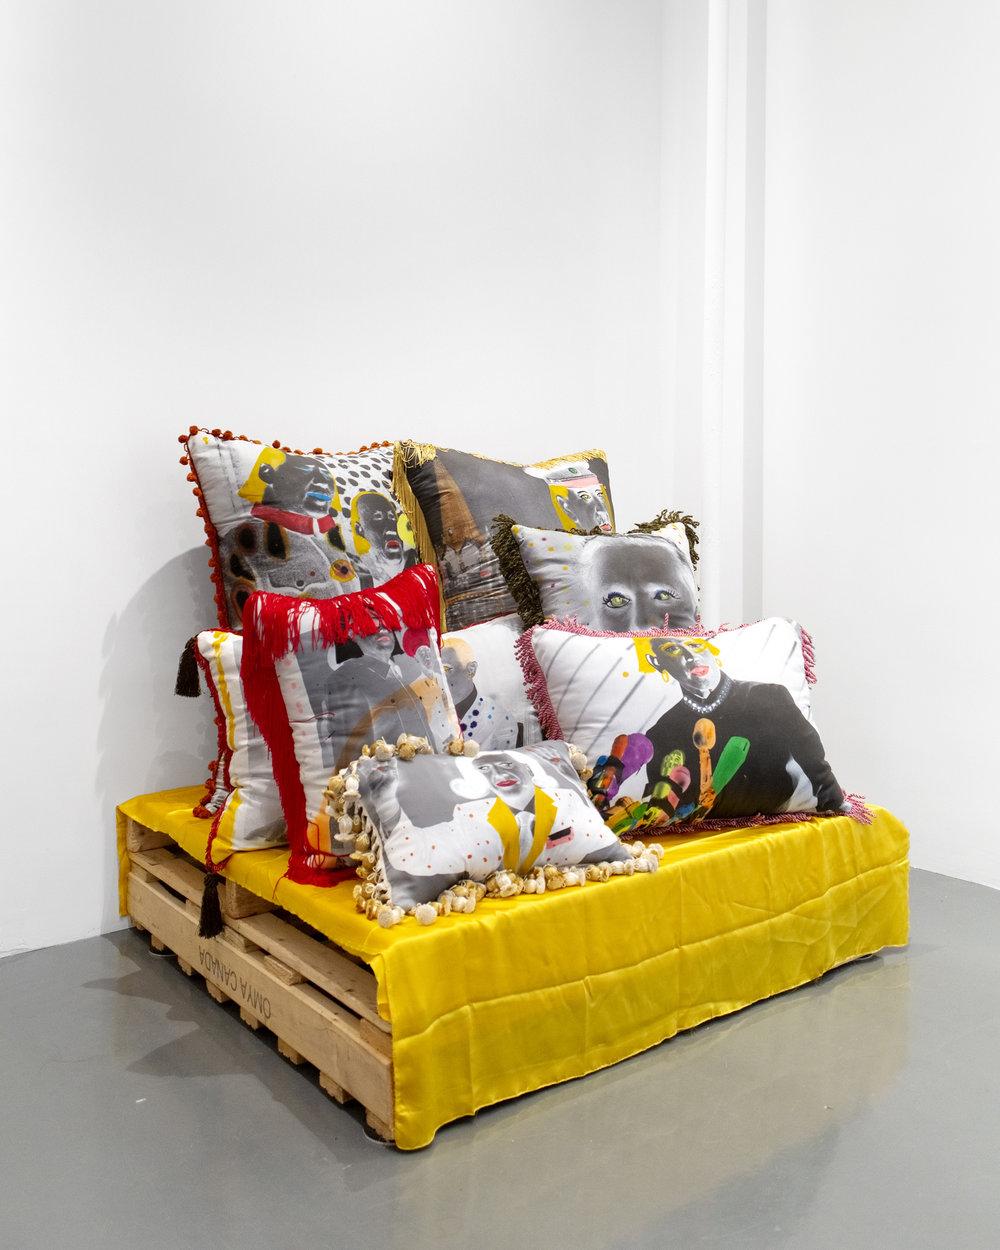 Installation View, Rachel Libeskind, 2018